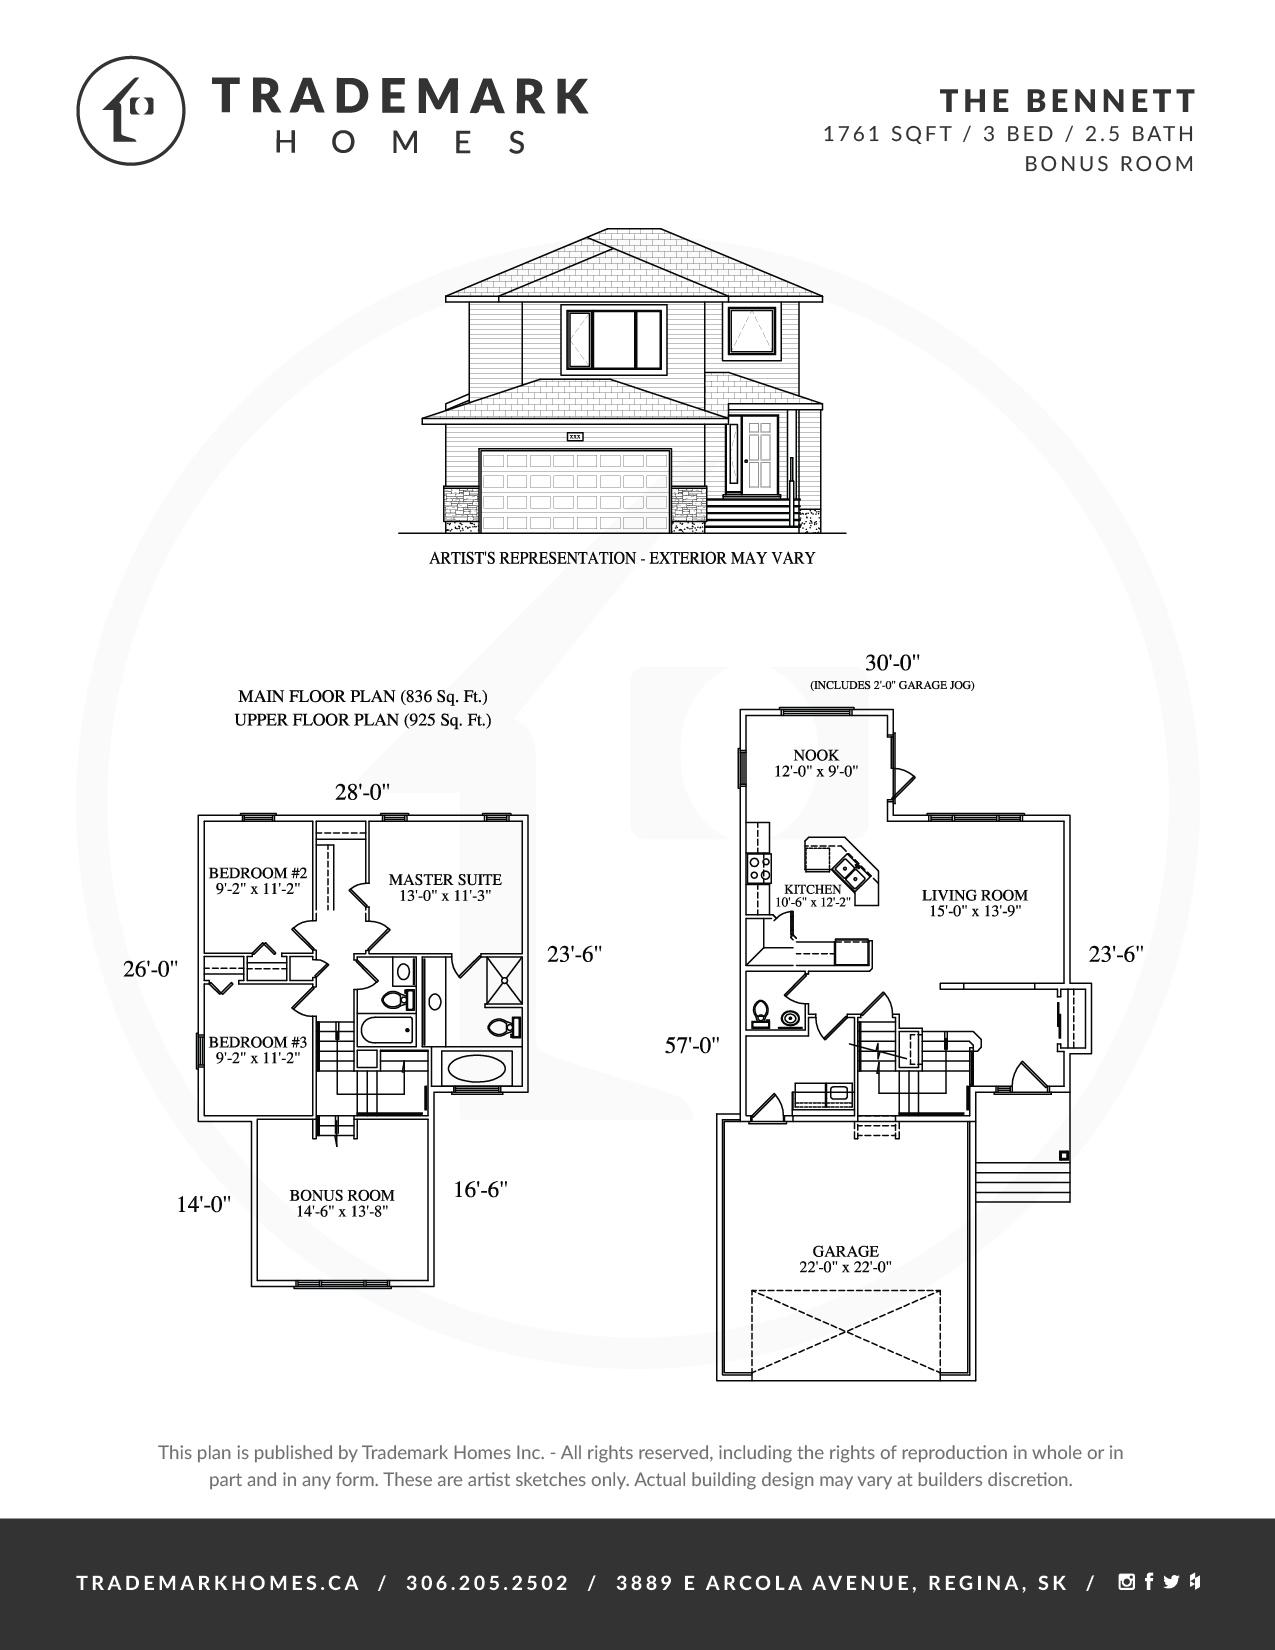 Trademark Homes The Bennett 2 Storey